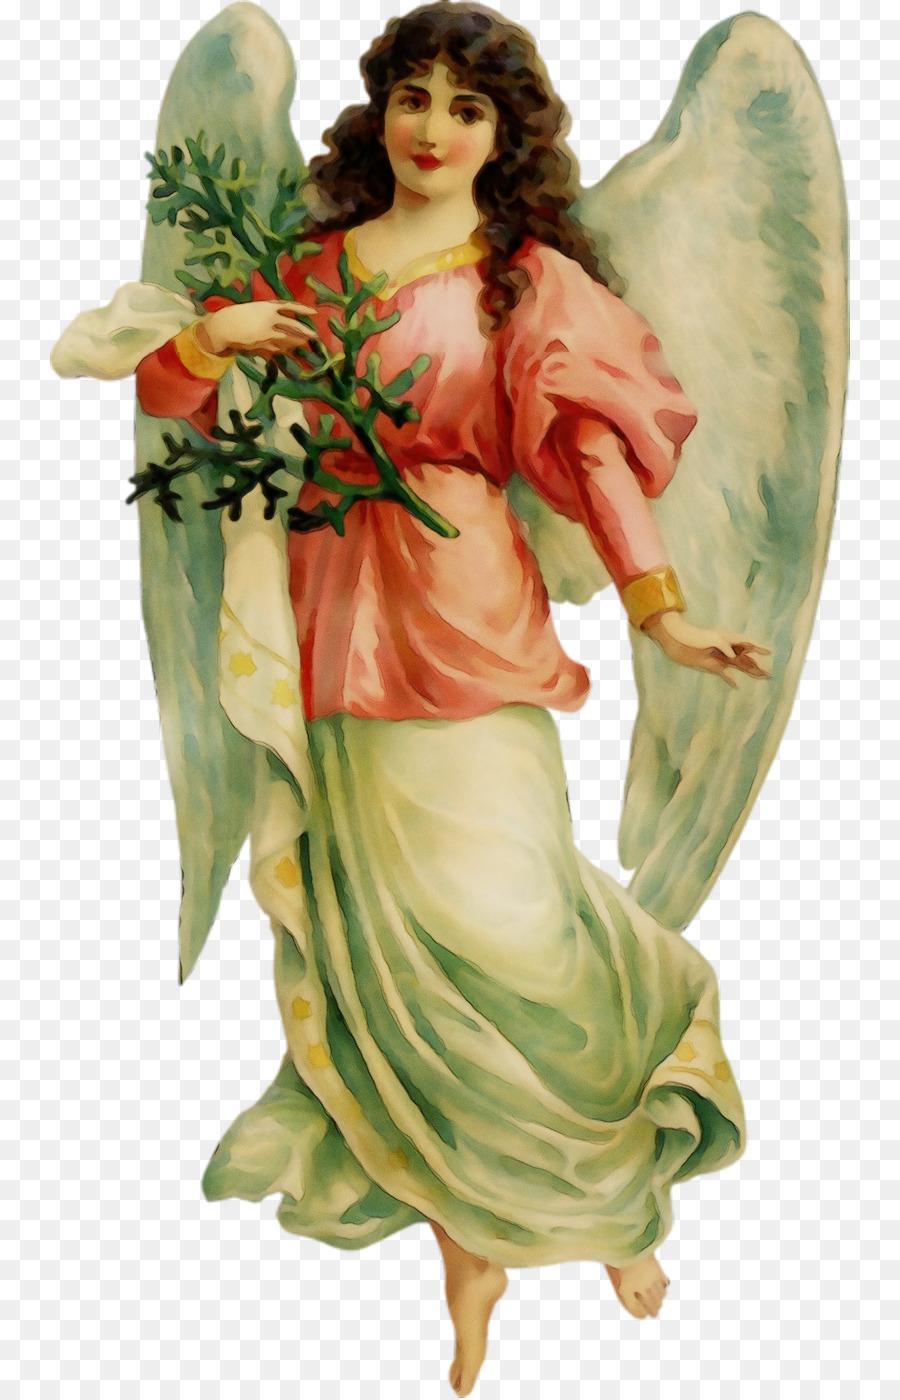 Descarga gratuita de ángel, Personaje De Ficción, Criatura Sobrenatural Imágen de Png